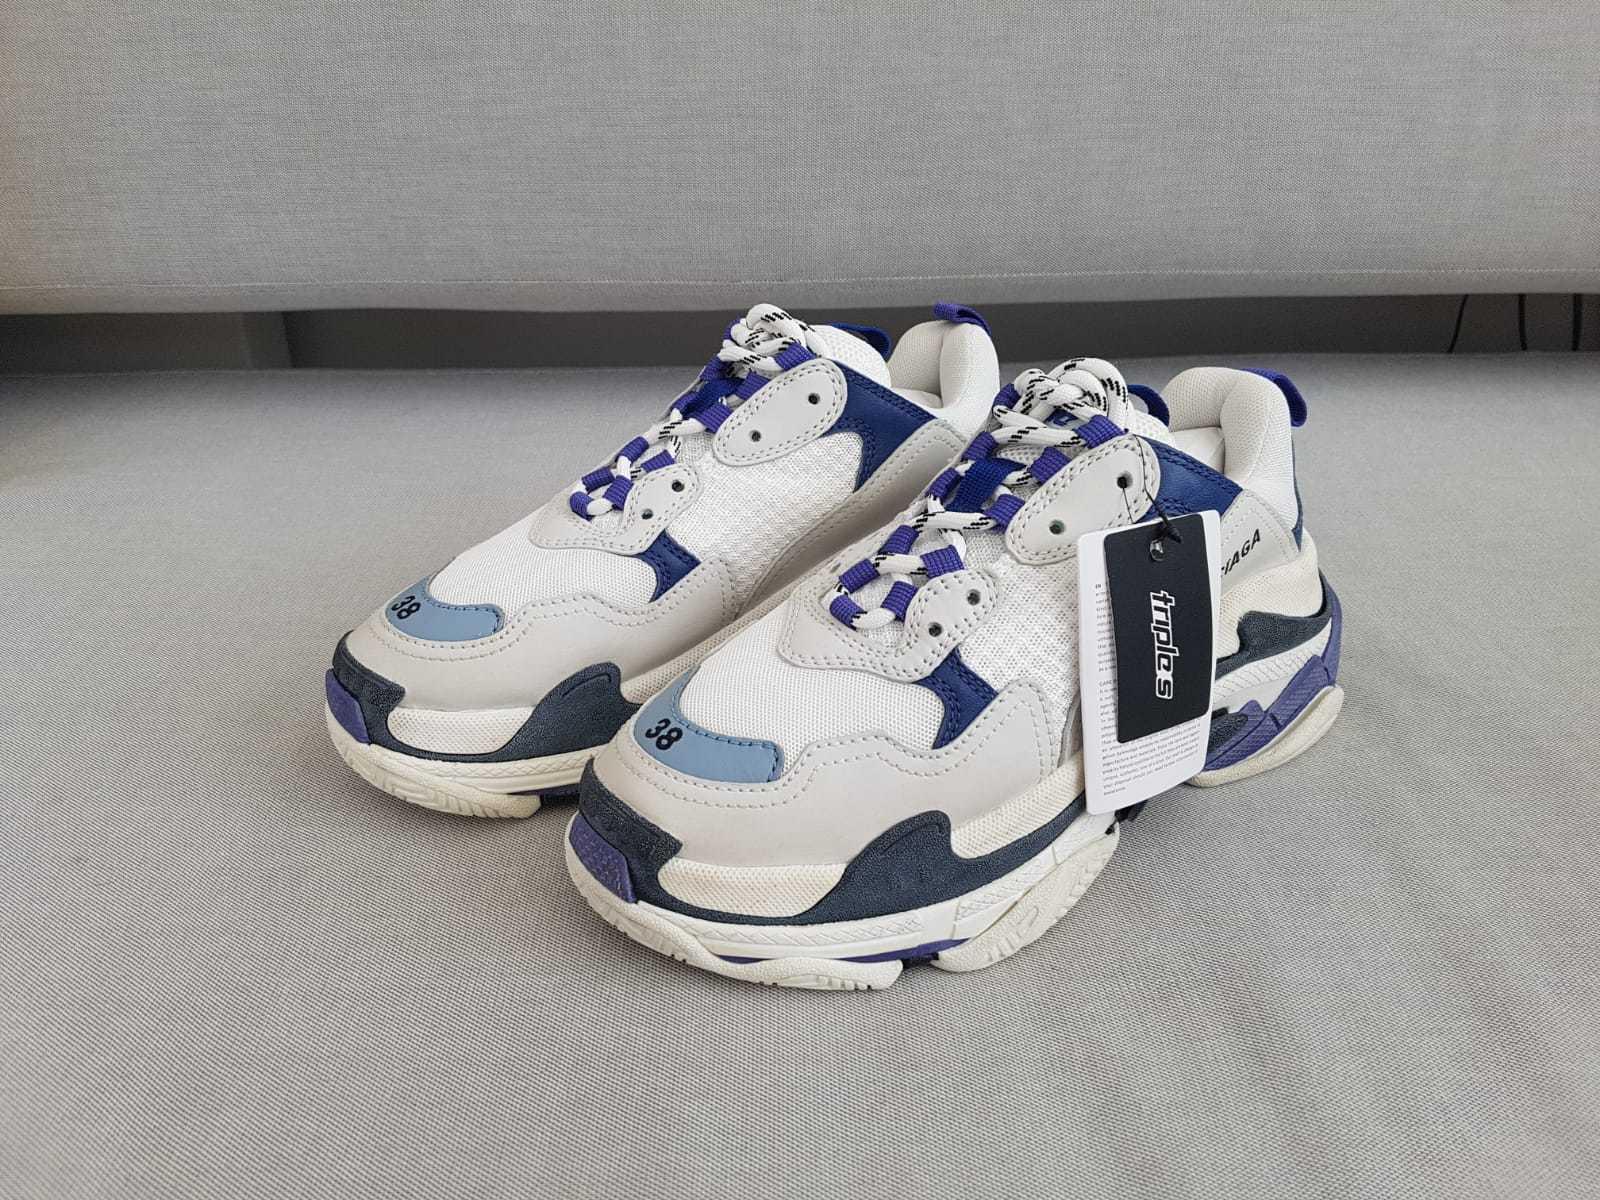 BALENZIAGA TRIPLE S scarpe da ginnastica BIANCI    viola Dimensione EU 35, 36, 37, 38, 39  sport dello shopping online